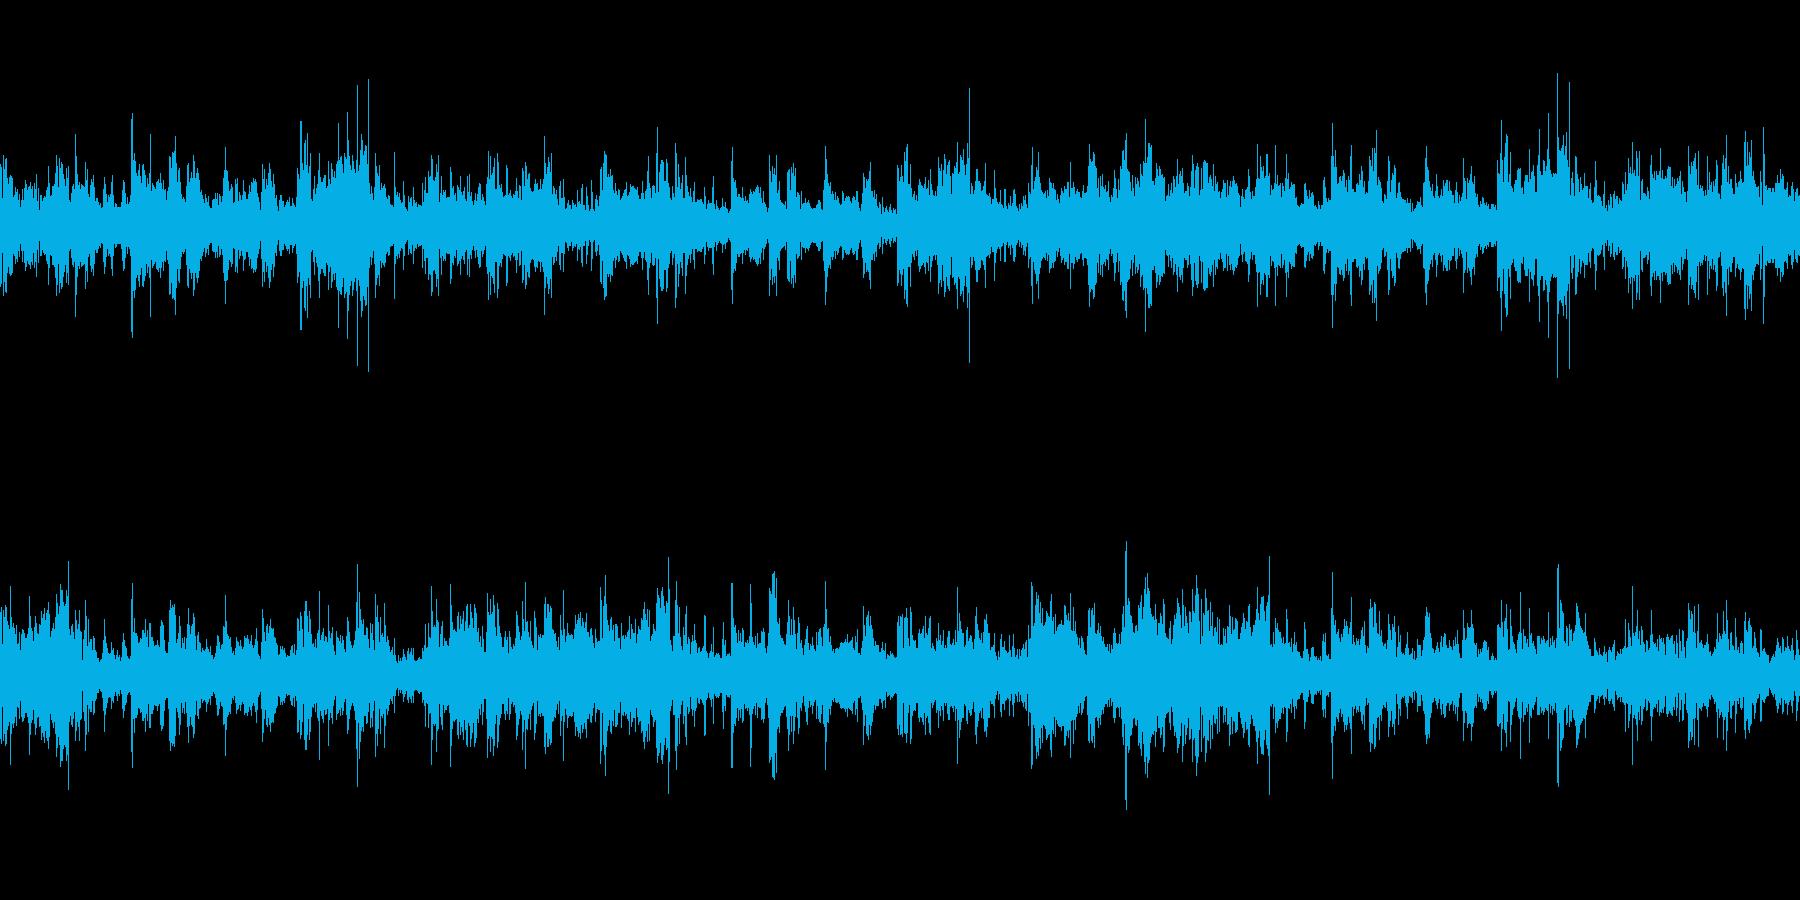 海底神殿 RPG ゲーム BGM ループの再生済みの波形